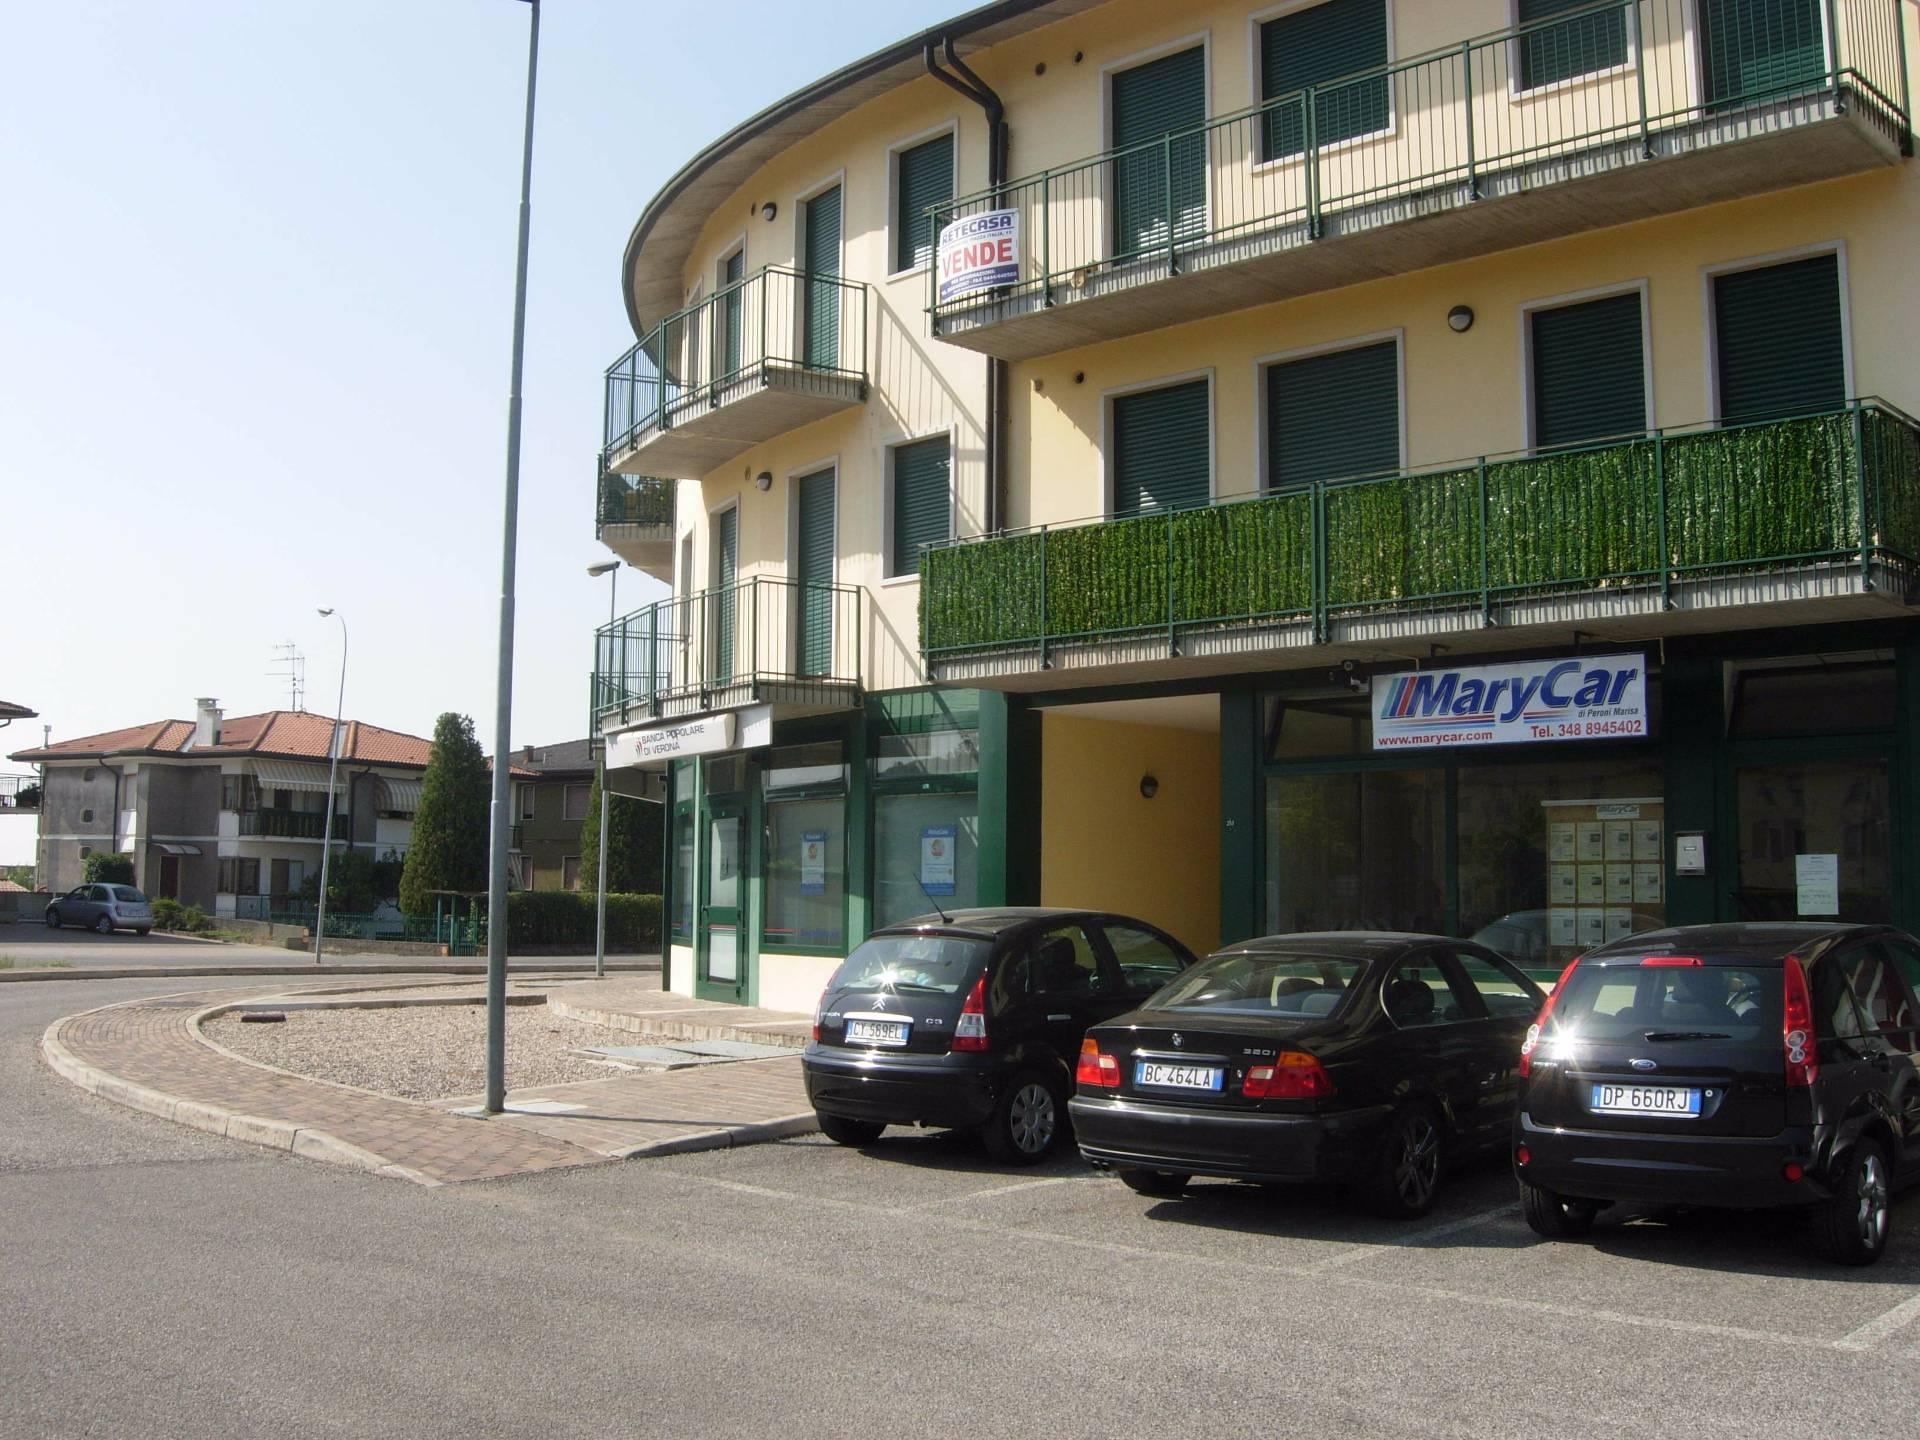 Negozio / Locale in affitto a Roncà, 9999 locali, zona Zona: Terrossa, prezzo € 450 | Cambio Casa.it